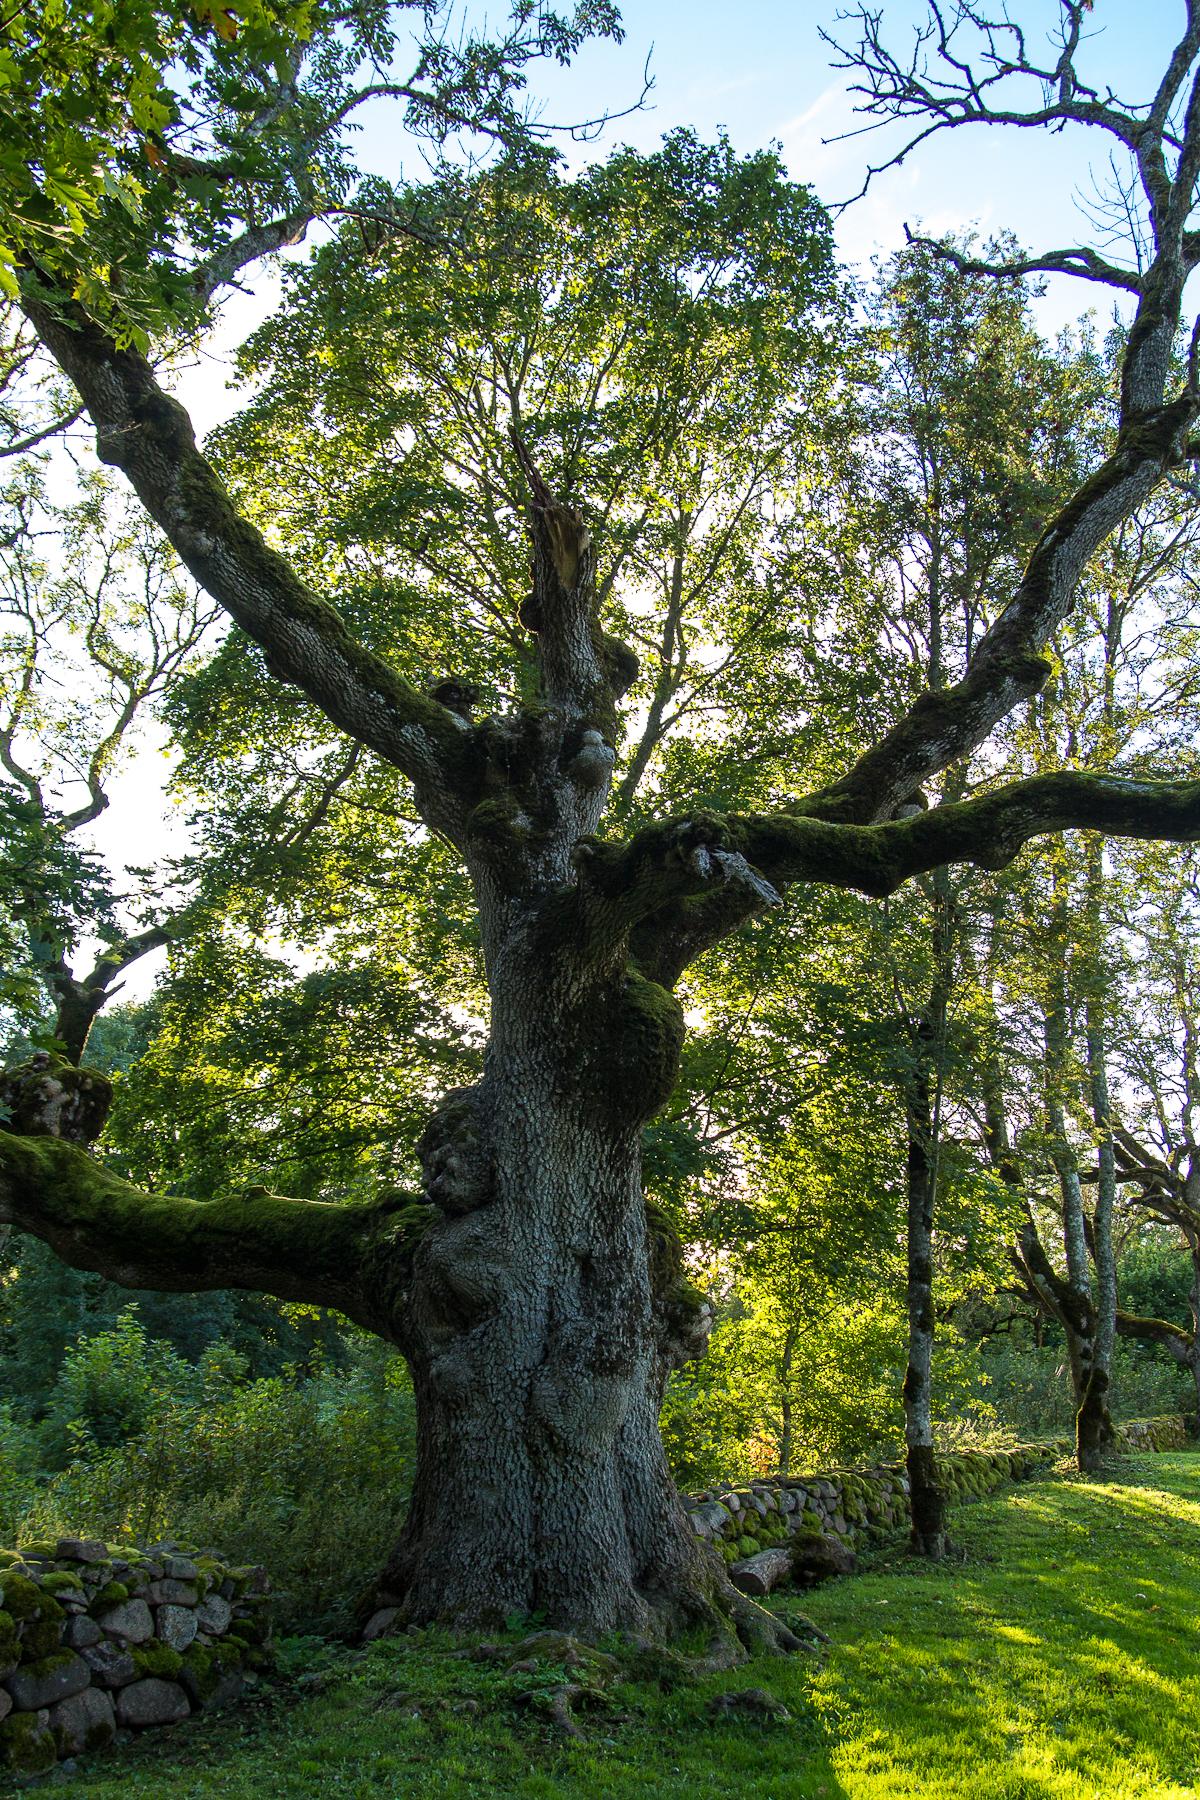 Old Tree Via @Atisgailis